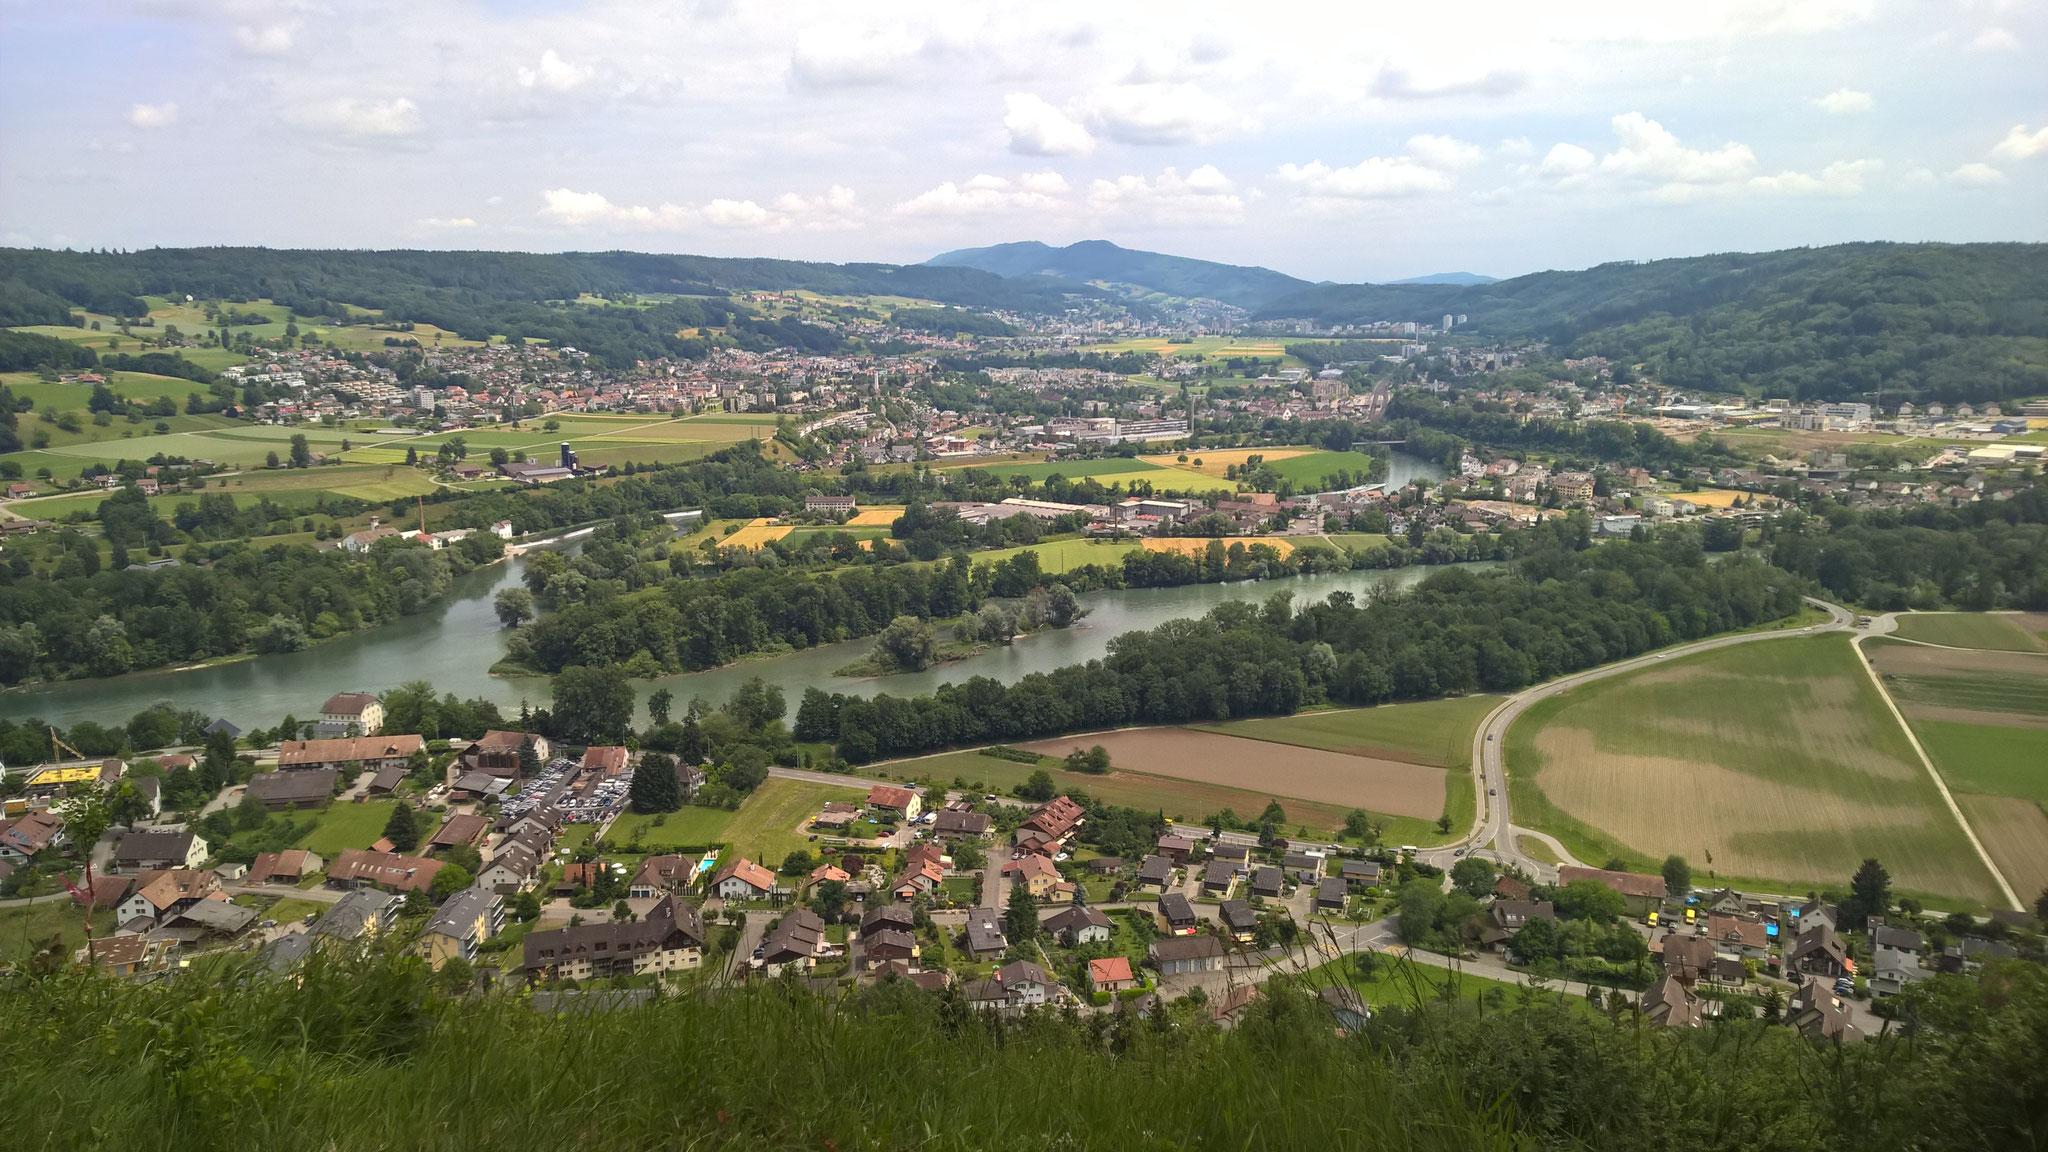 2015 - Blick auf Lauffohr vom Brugger Berg aus (Quelle: Privatfoto)